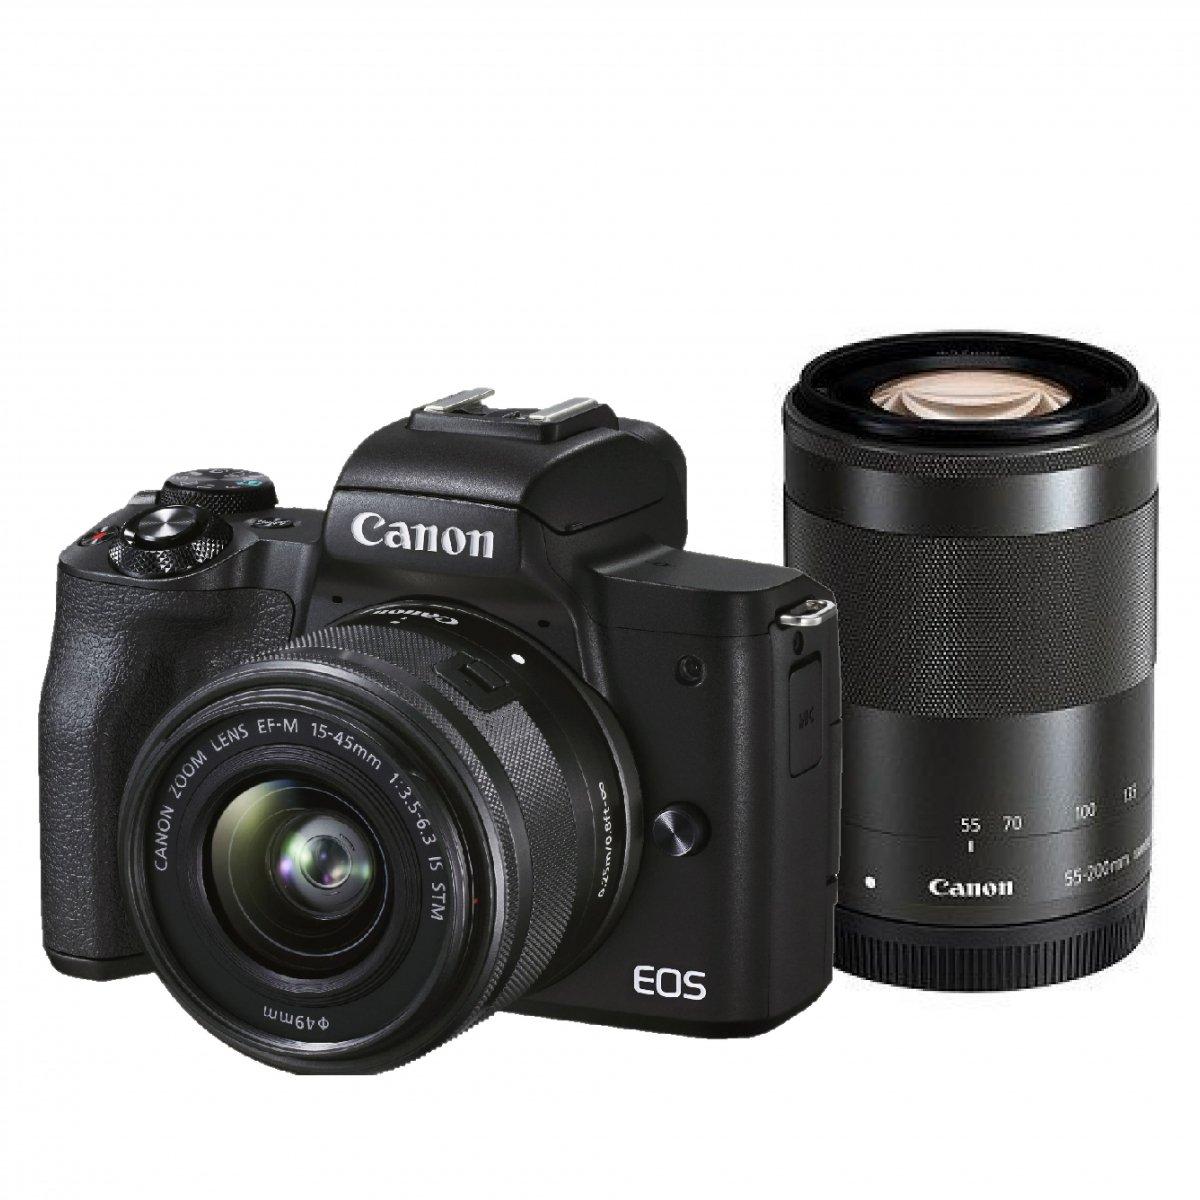 キャノン ミラーレス一眼カメラ EOS Kiss M2 ダブルズームキット 15-45mm/55-200mm